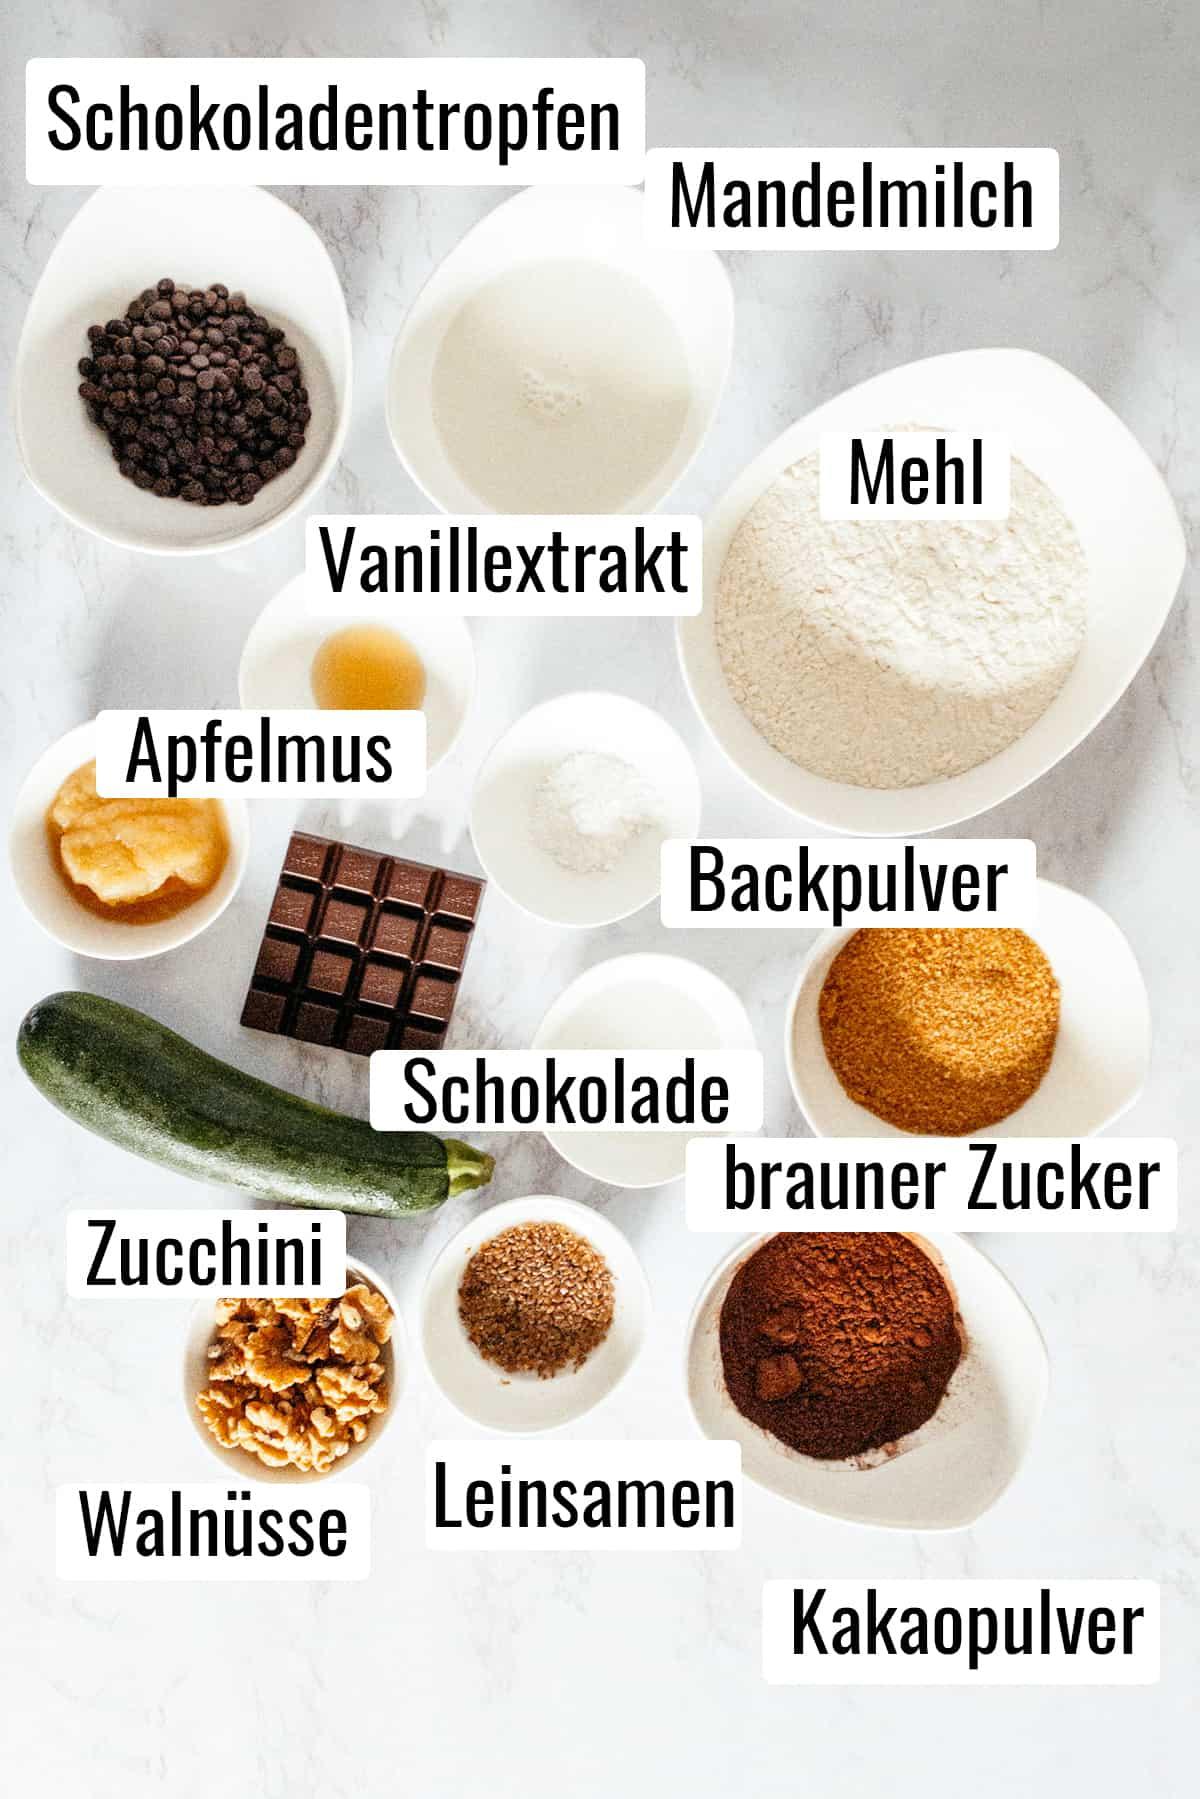 die Zutaten für dieses Rezept auf einer Marmorplatte mit Beschriftung